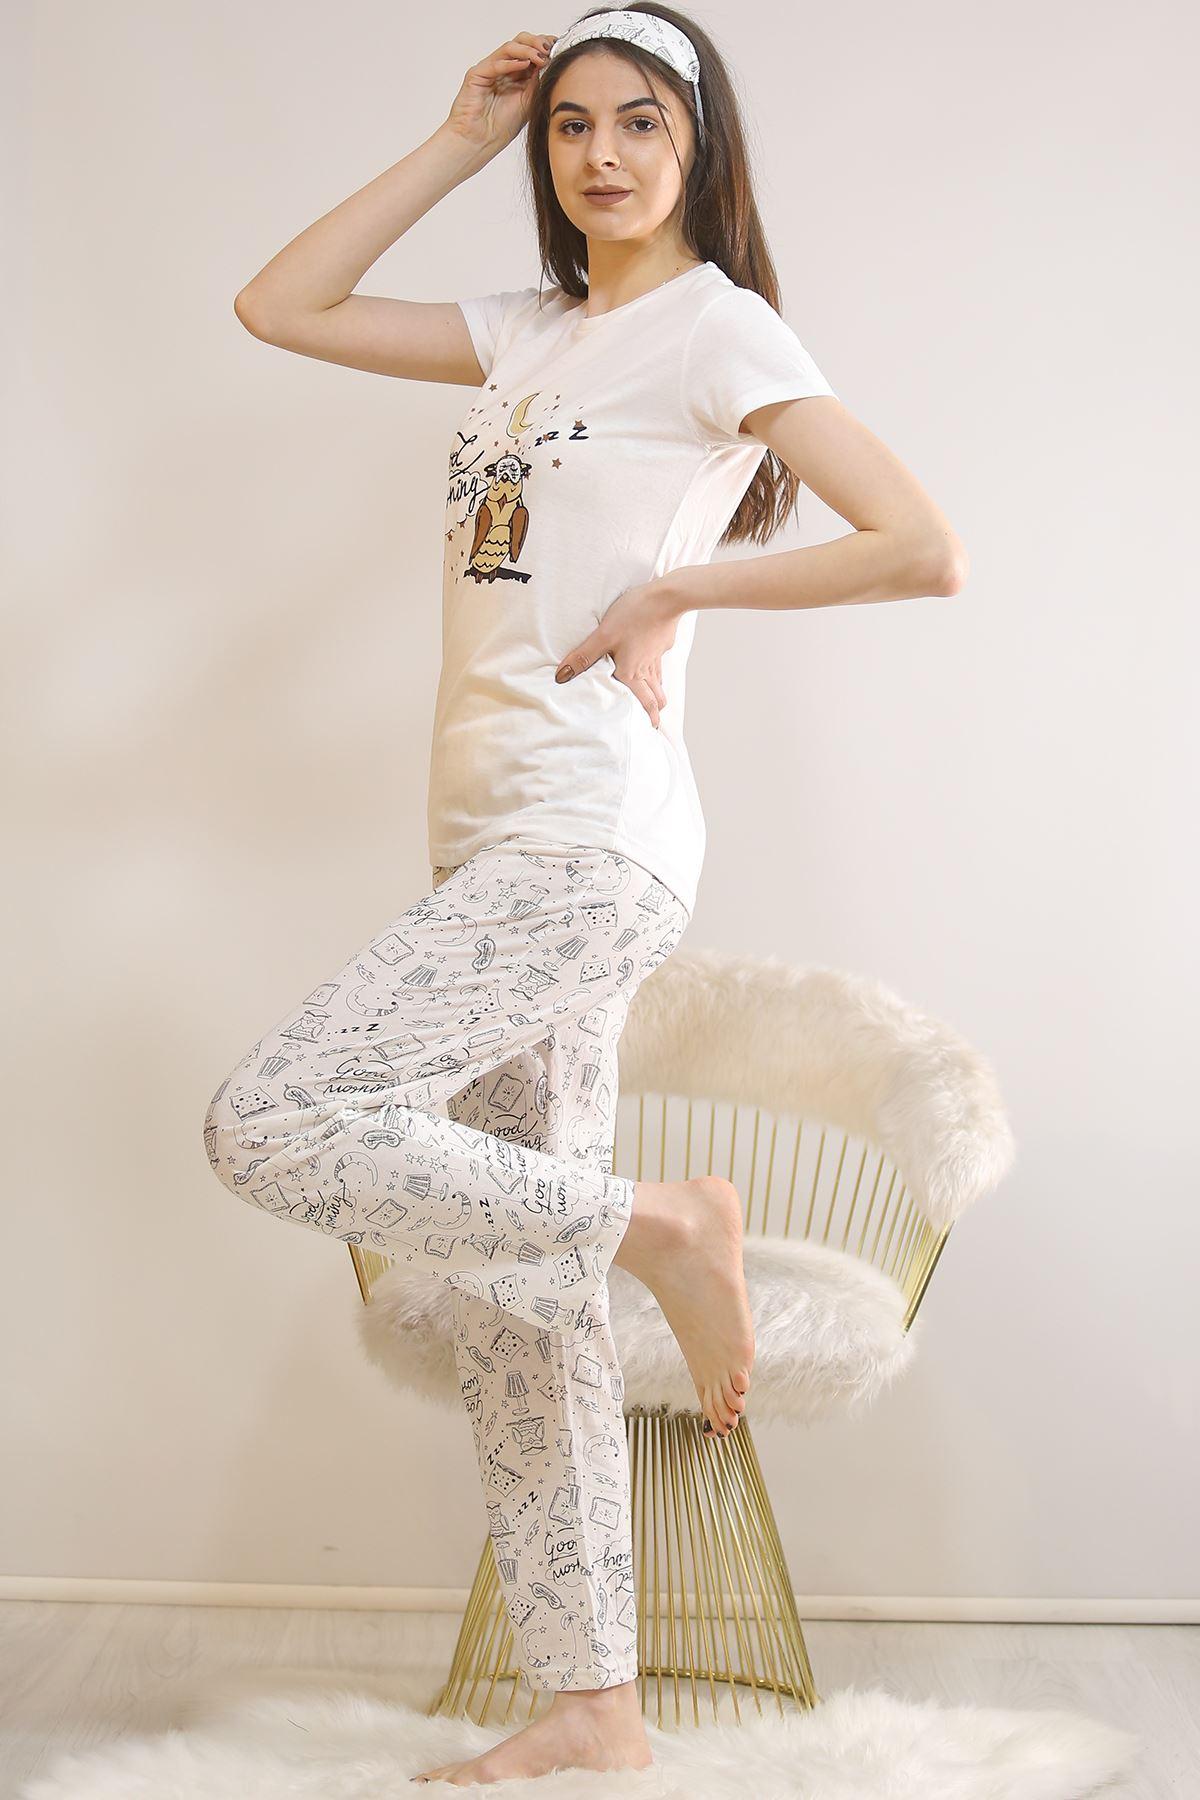 Baskılı Pijama Takımı Beyaz - 21445.1059.